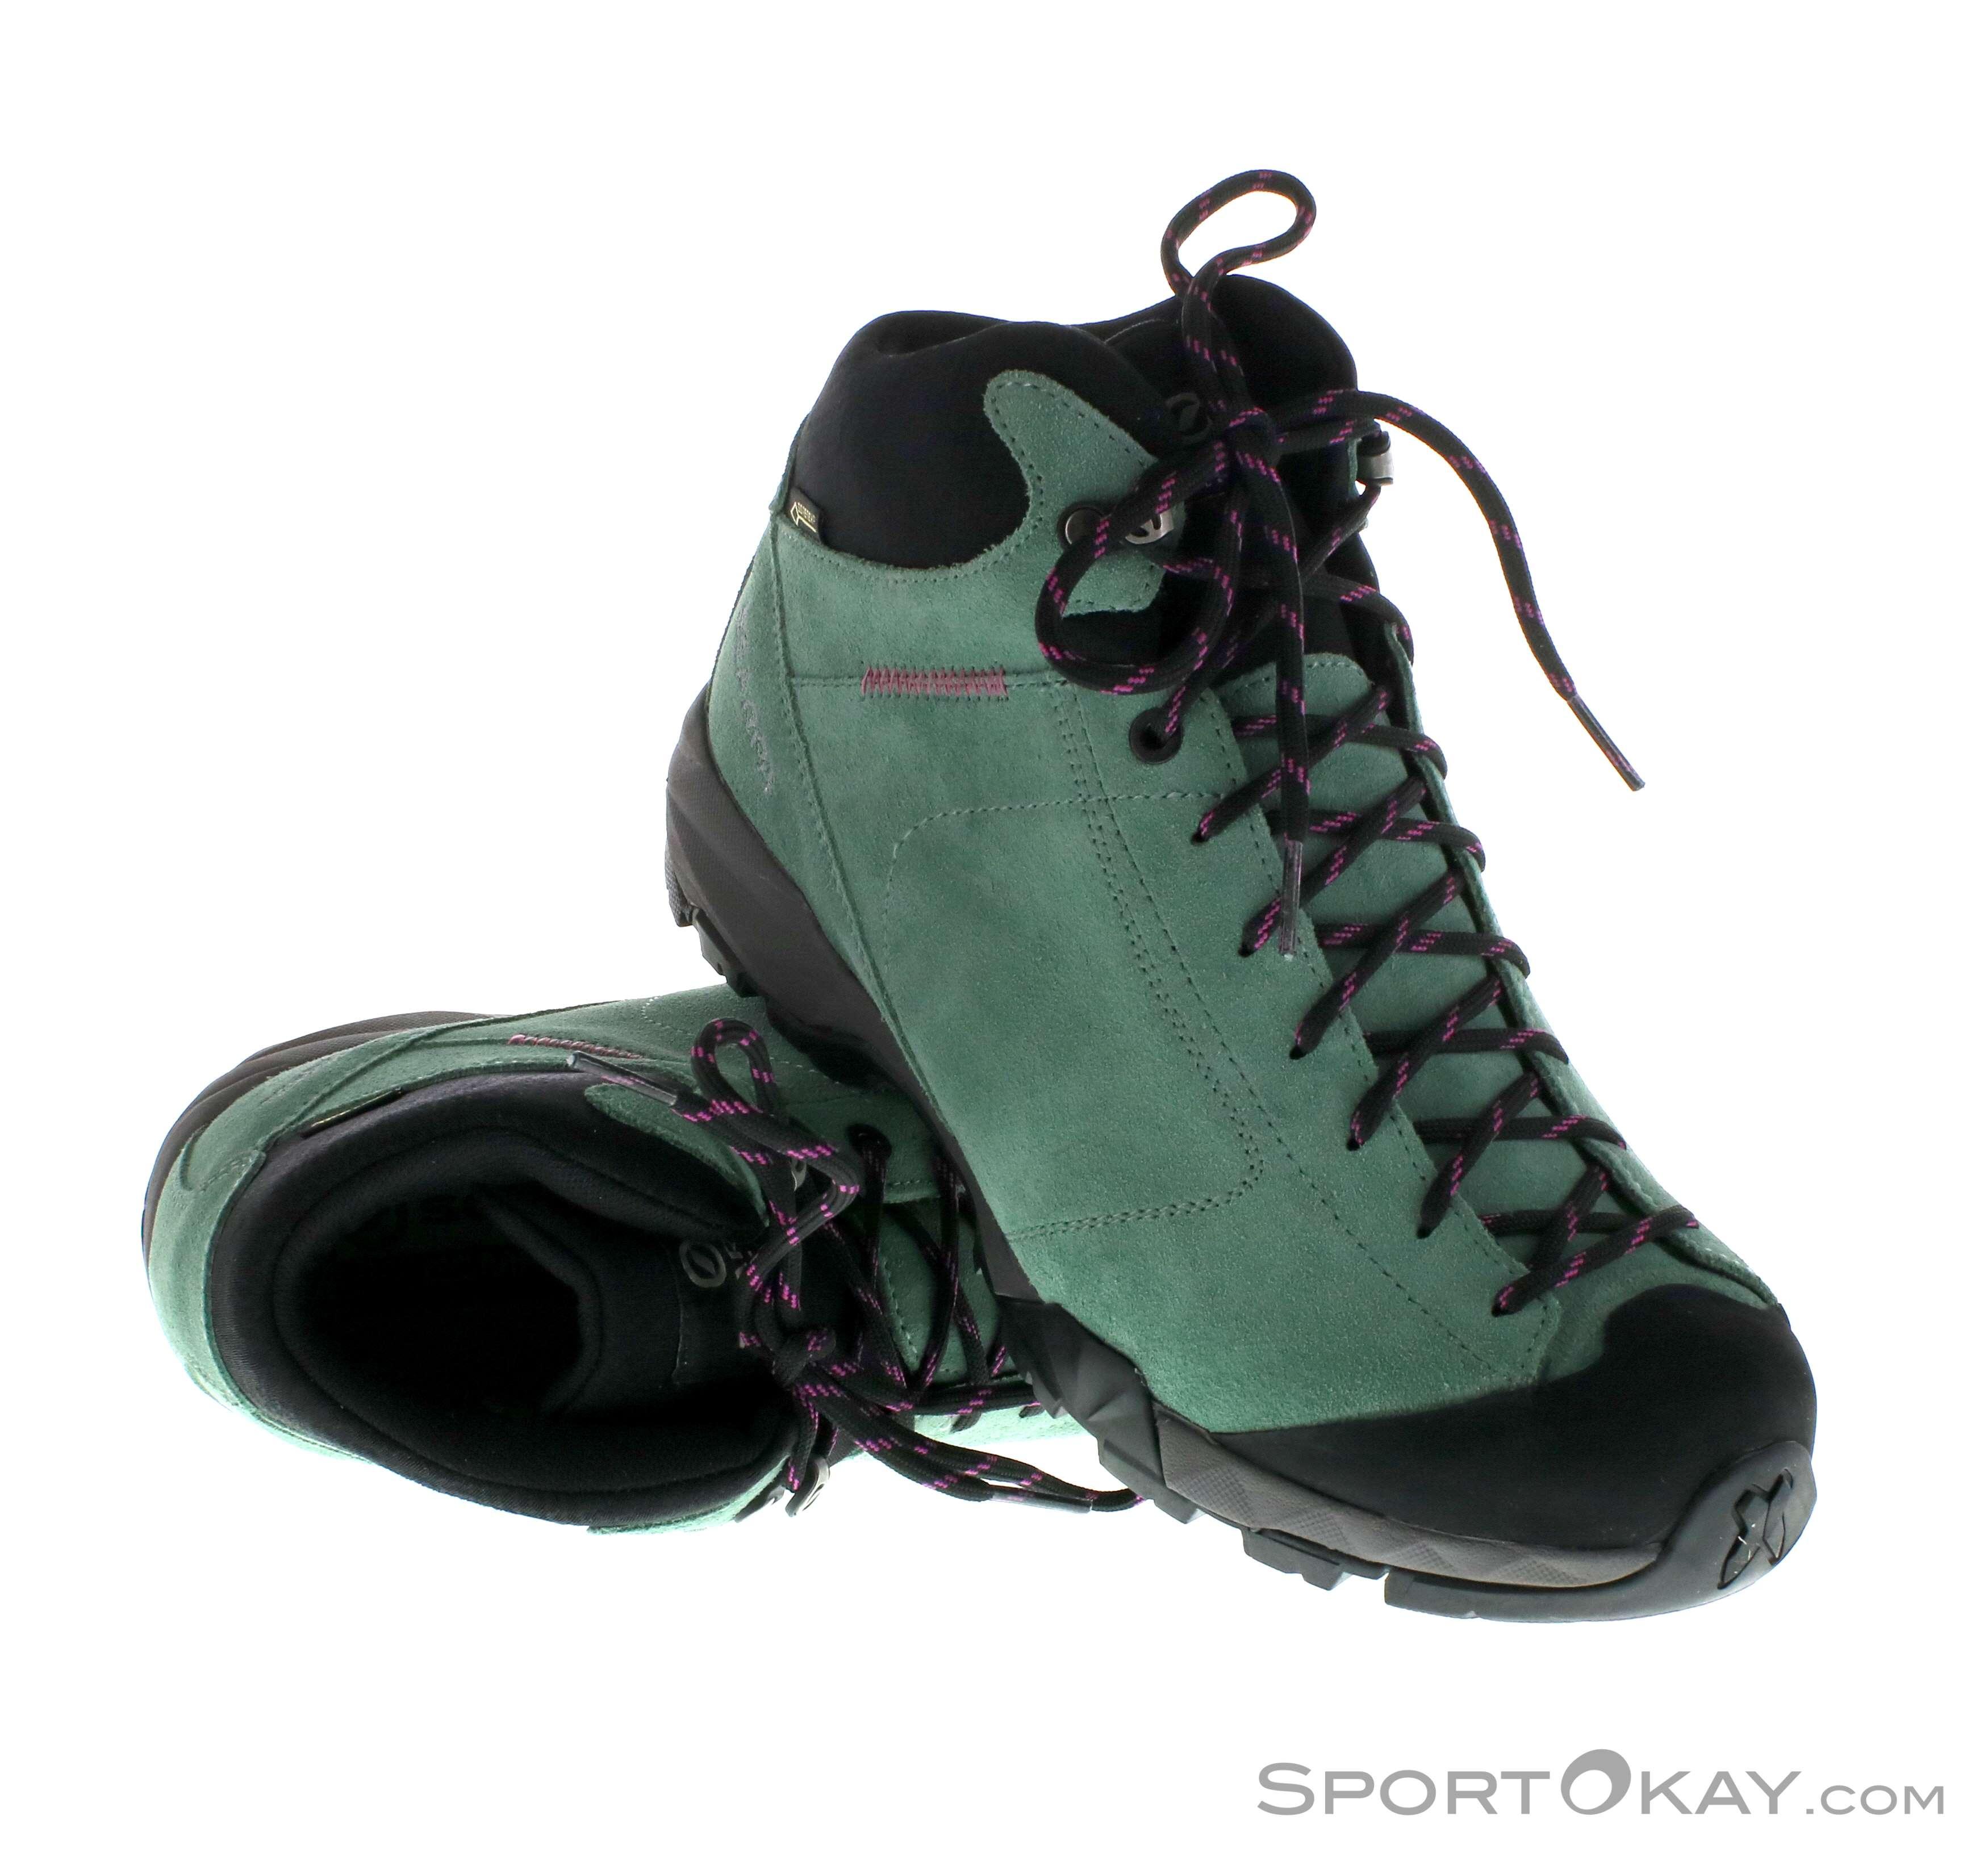 enorme sconto f33c9 99e0c Scarpa Scarpa Mojito Hike GTX Donna Scarpe da Trekking Gore-Tex